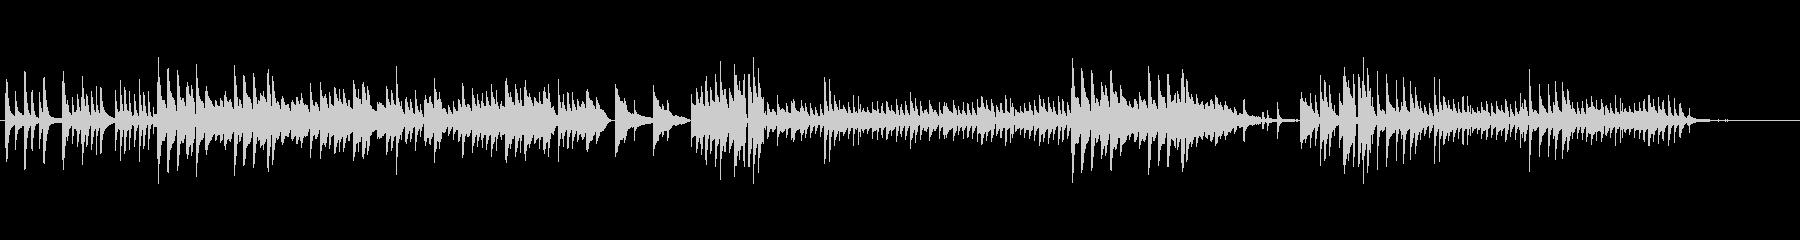 優しいピアノ演奏による静かなバラードの未再生の波形